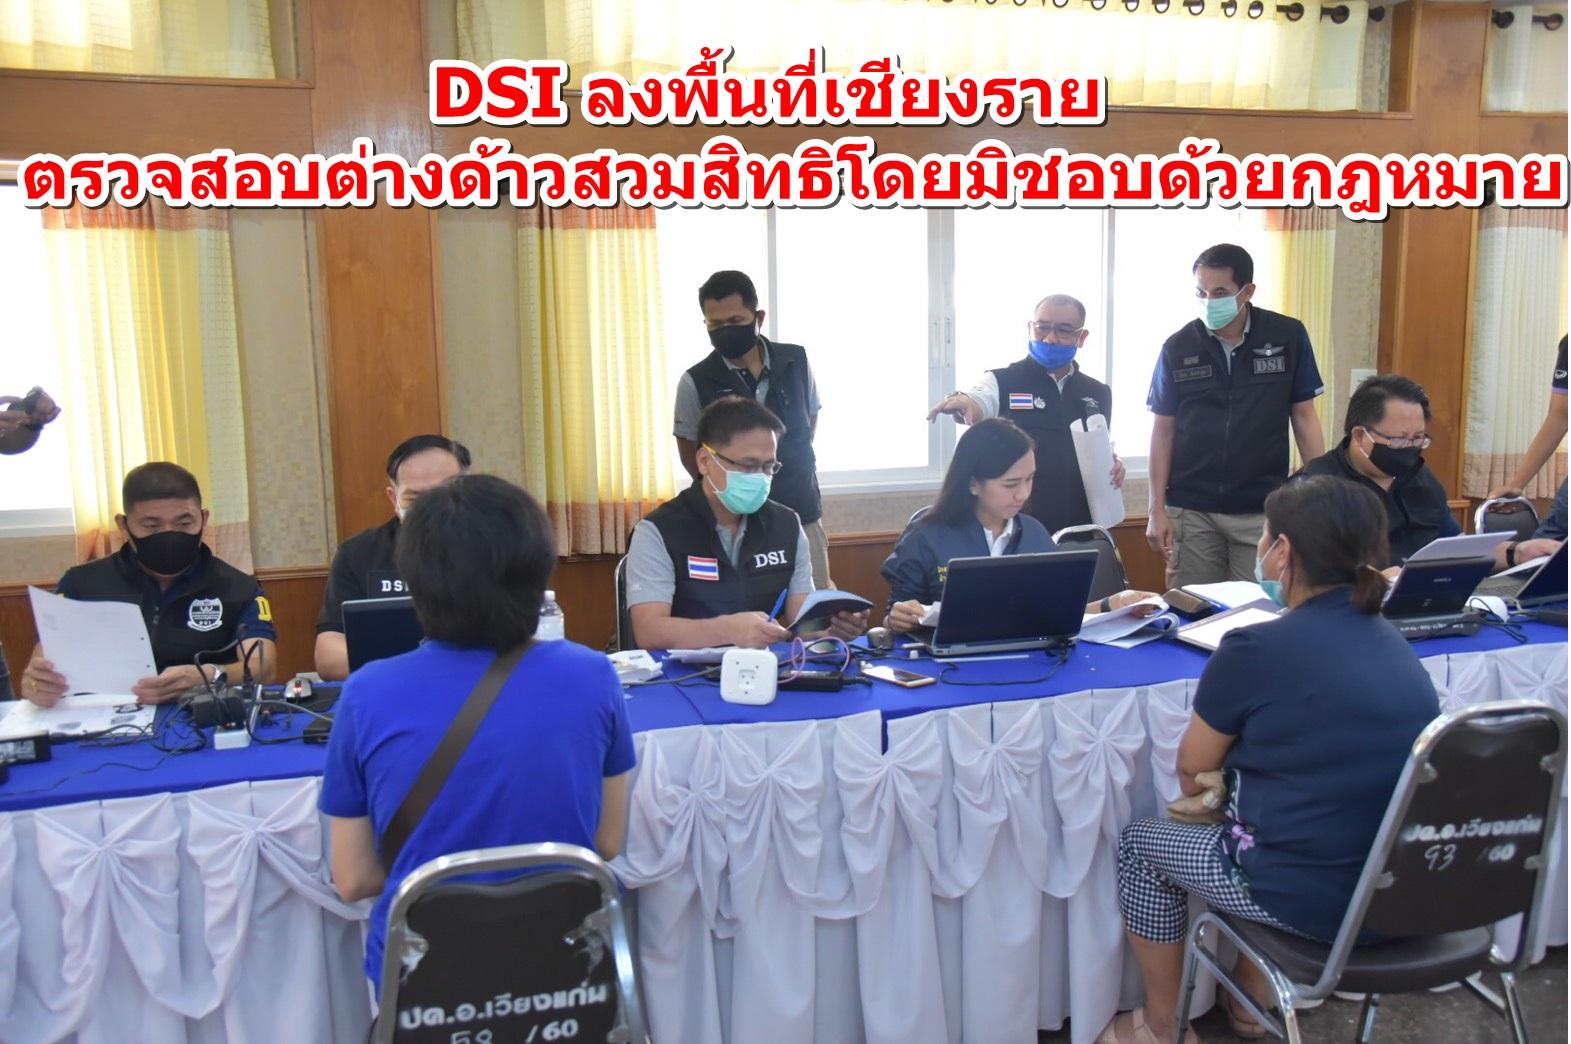 DSI ลงพื้นที่เชียงราย ตรวจสอบต่างด้าวสวมสิทธิโดยมิชอบด้วยกฎหมาย